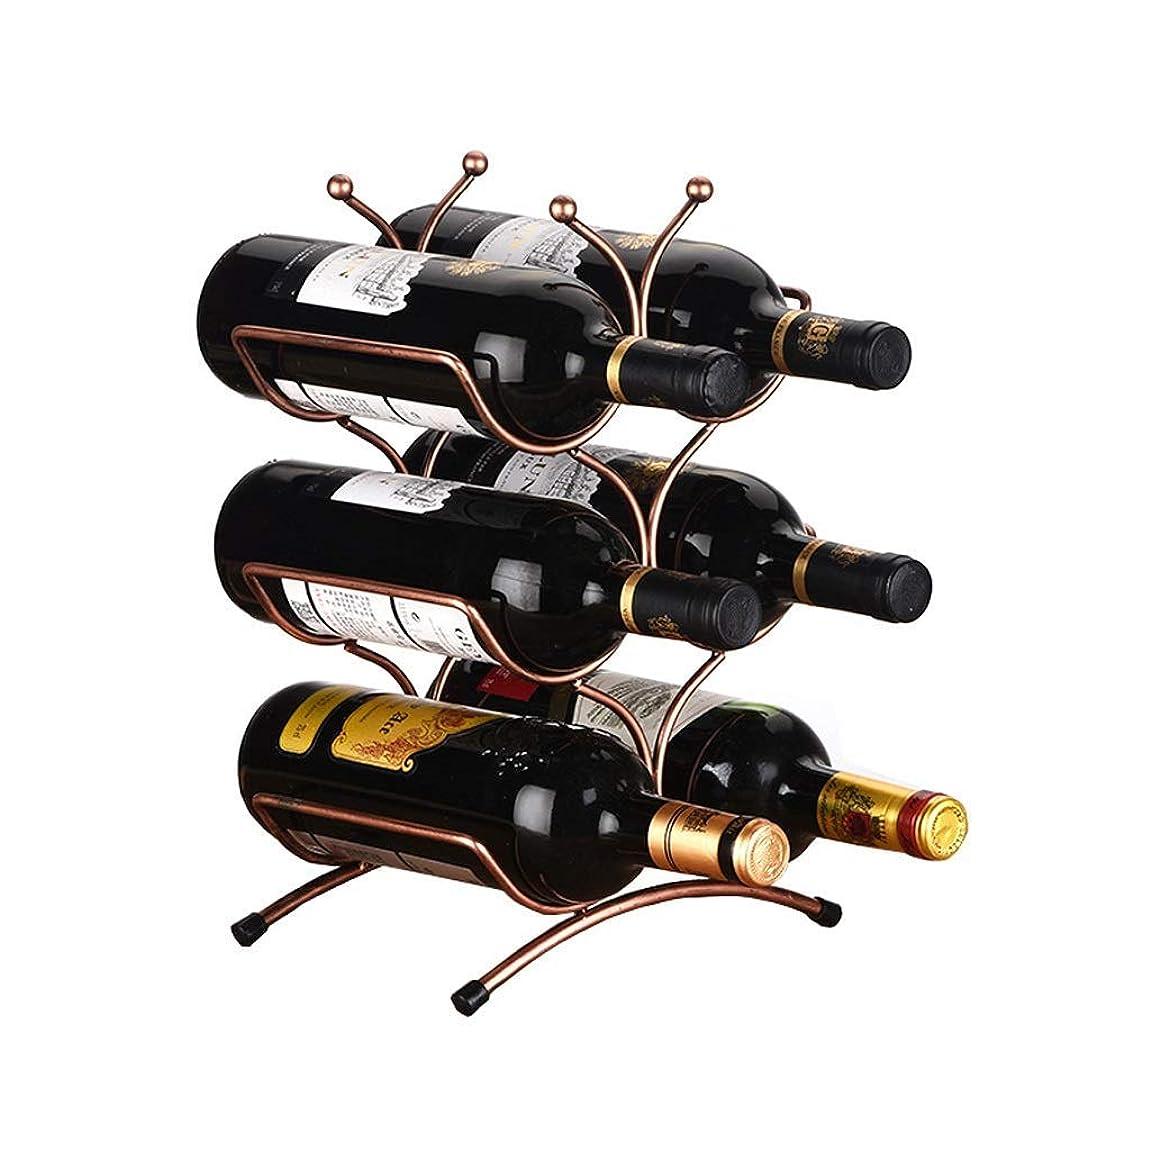 月面ルビーケントSRX ワインラックは、3層積み重ね可能なワインラック - クラシックワインラック - 6本のボトル、金属 - バー、キャビネット、パントリー、等に適し